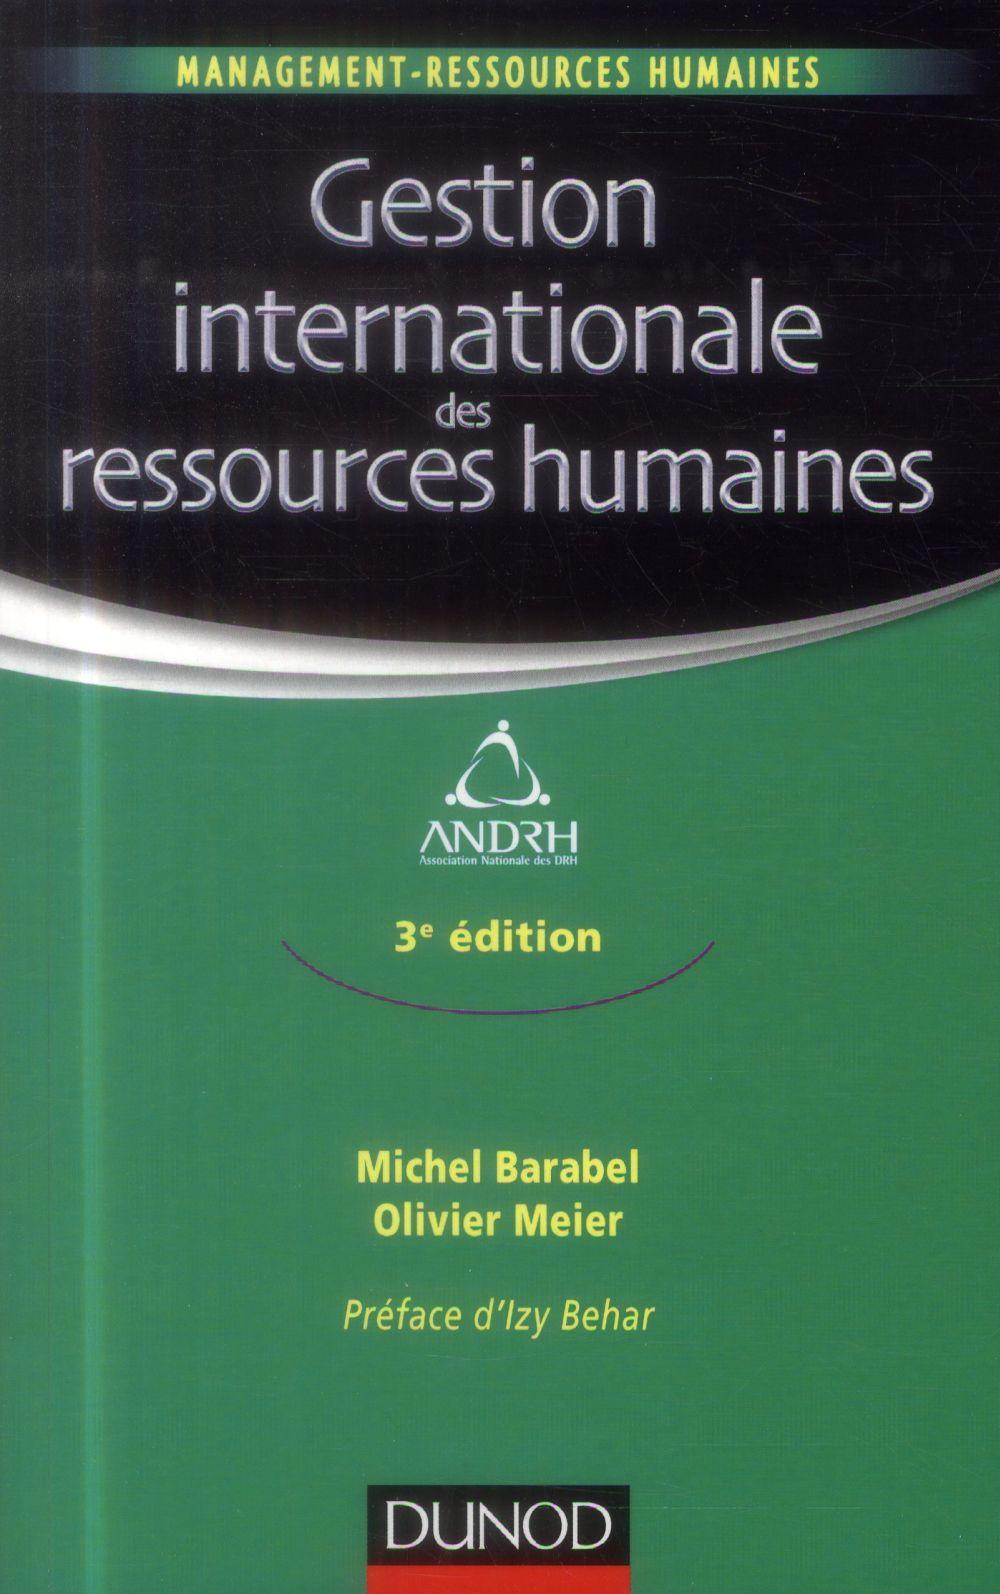 La gestion internationale des ressources humaines (3e édition)